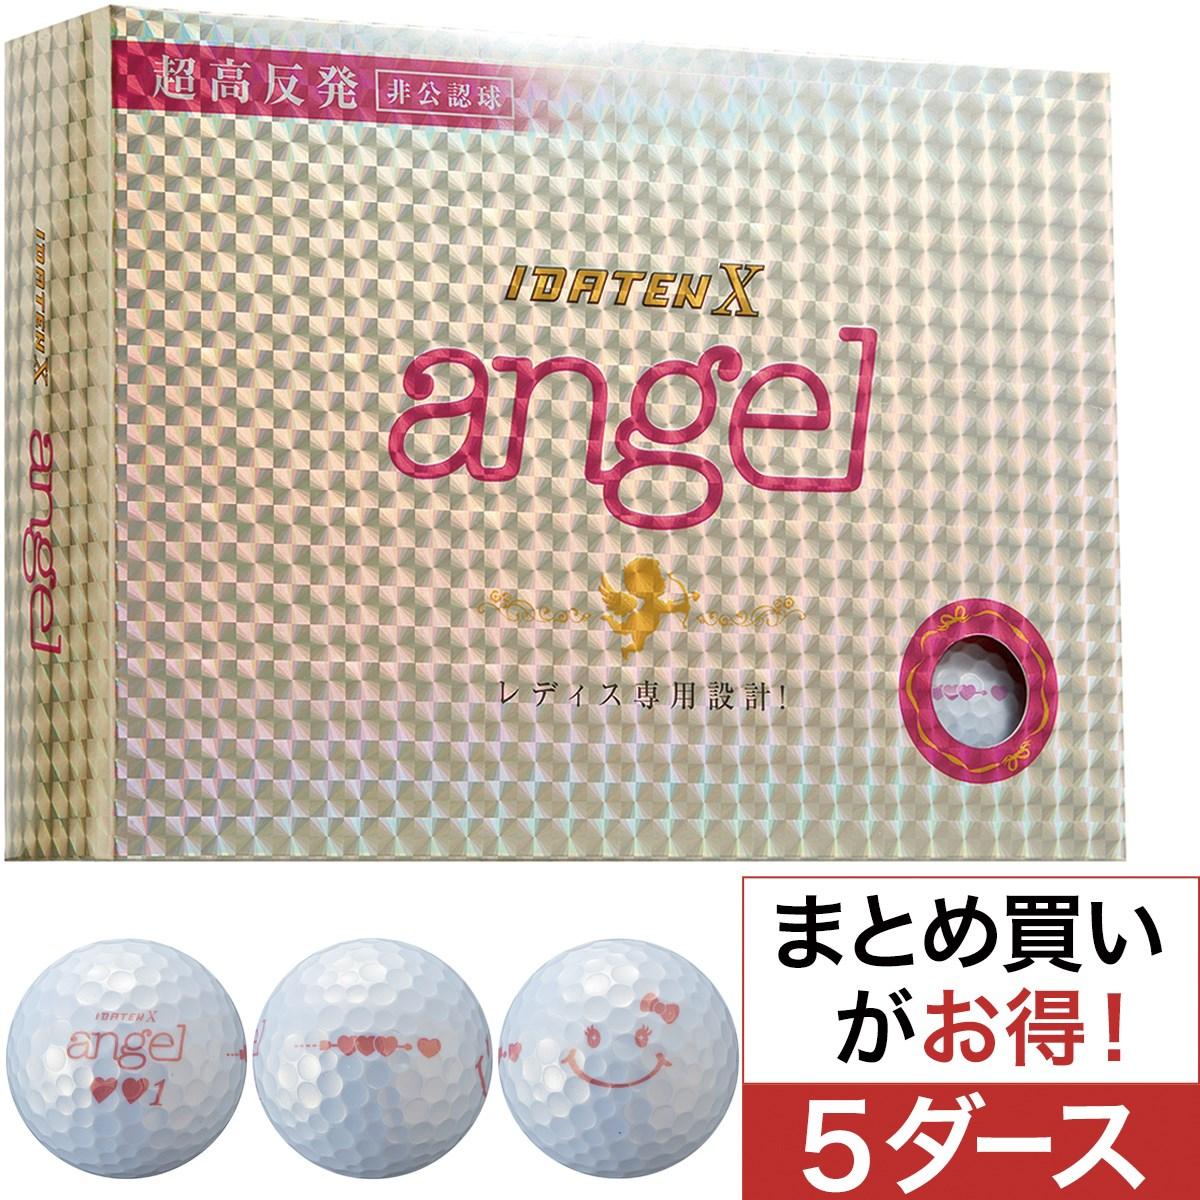 韋駄天 X angel ボール 5ダースセット【非公認球】レディス